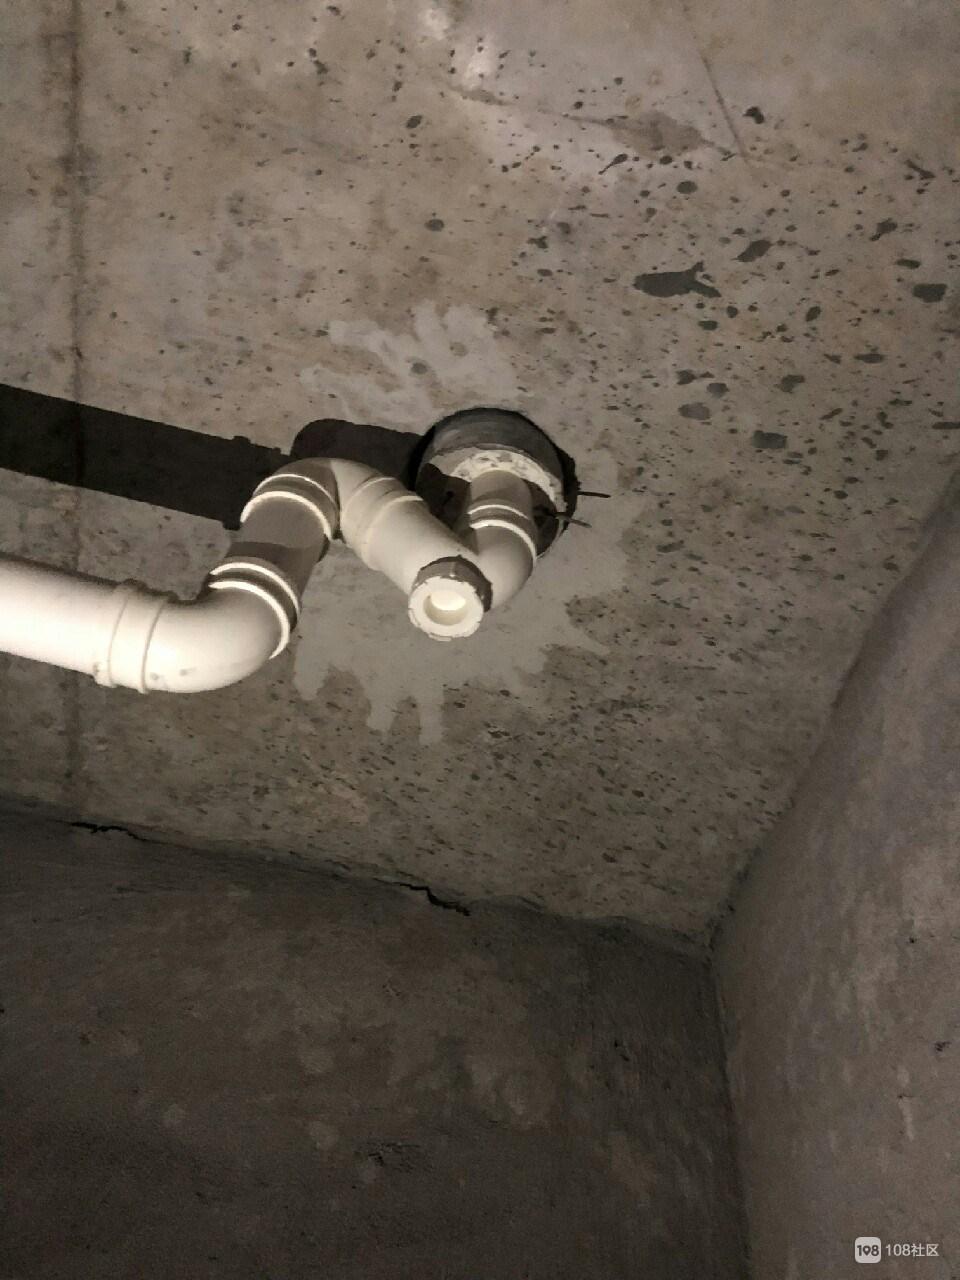 我的新房被楼上打穿个洞!不同意改管道 邻居说我难搞?